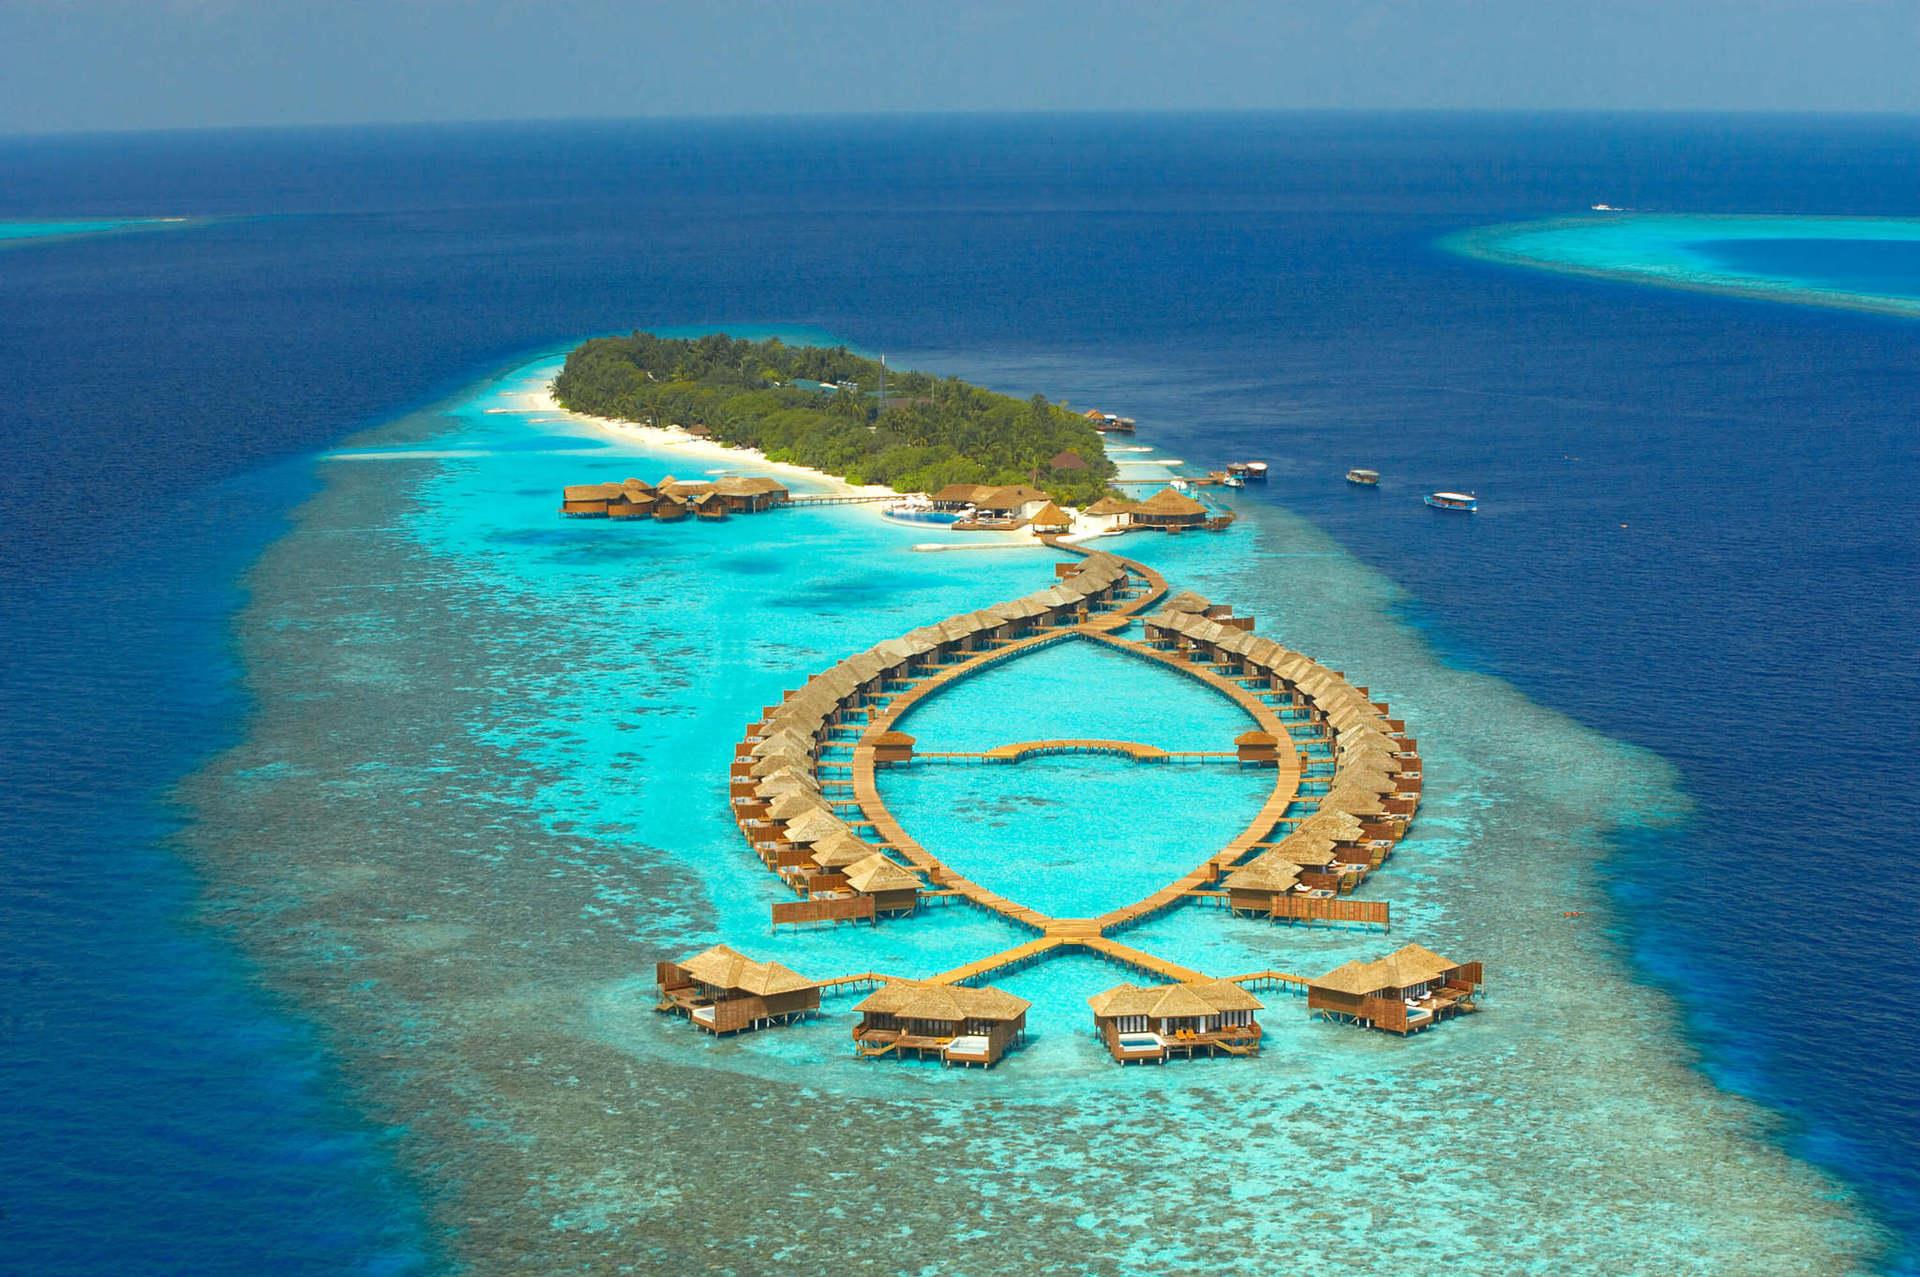 Перший на Мальдівах курорт, який запропонував нову концепцію харчування і проживання - Platinum Plan, яка включає великий спектр послуг та 3 екскурсії на період проживання